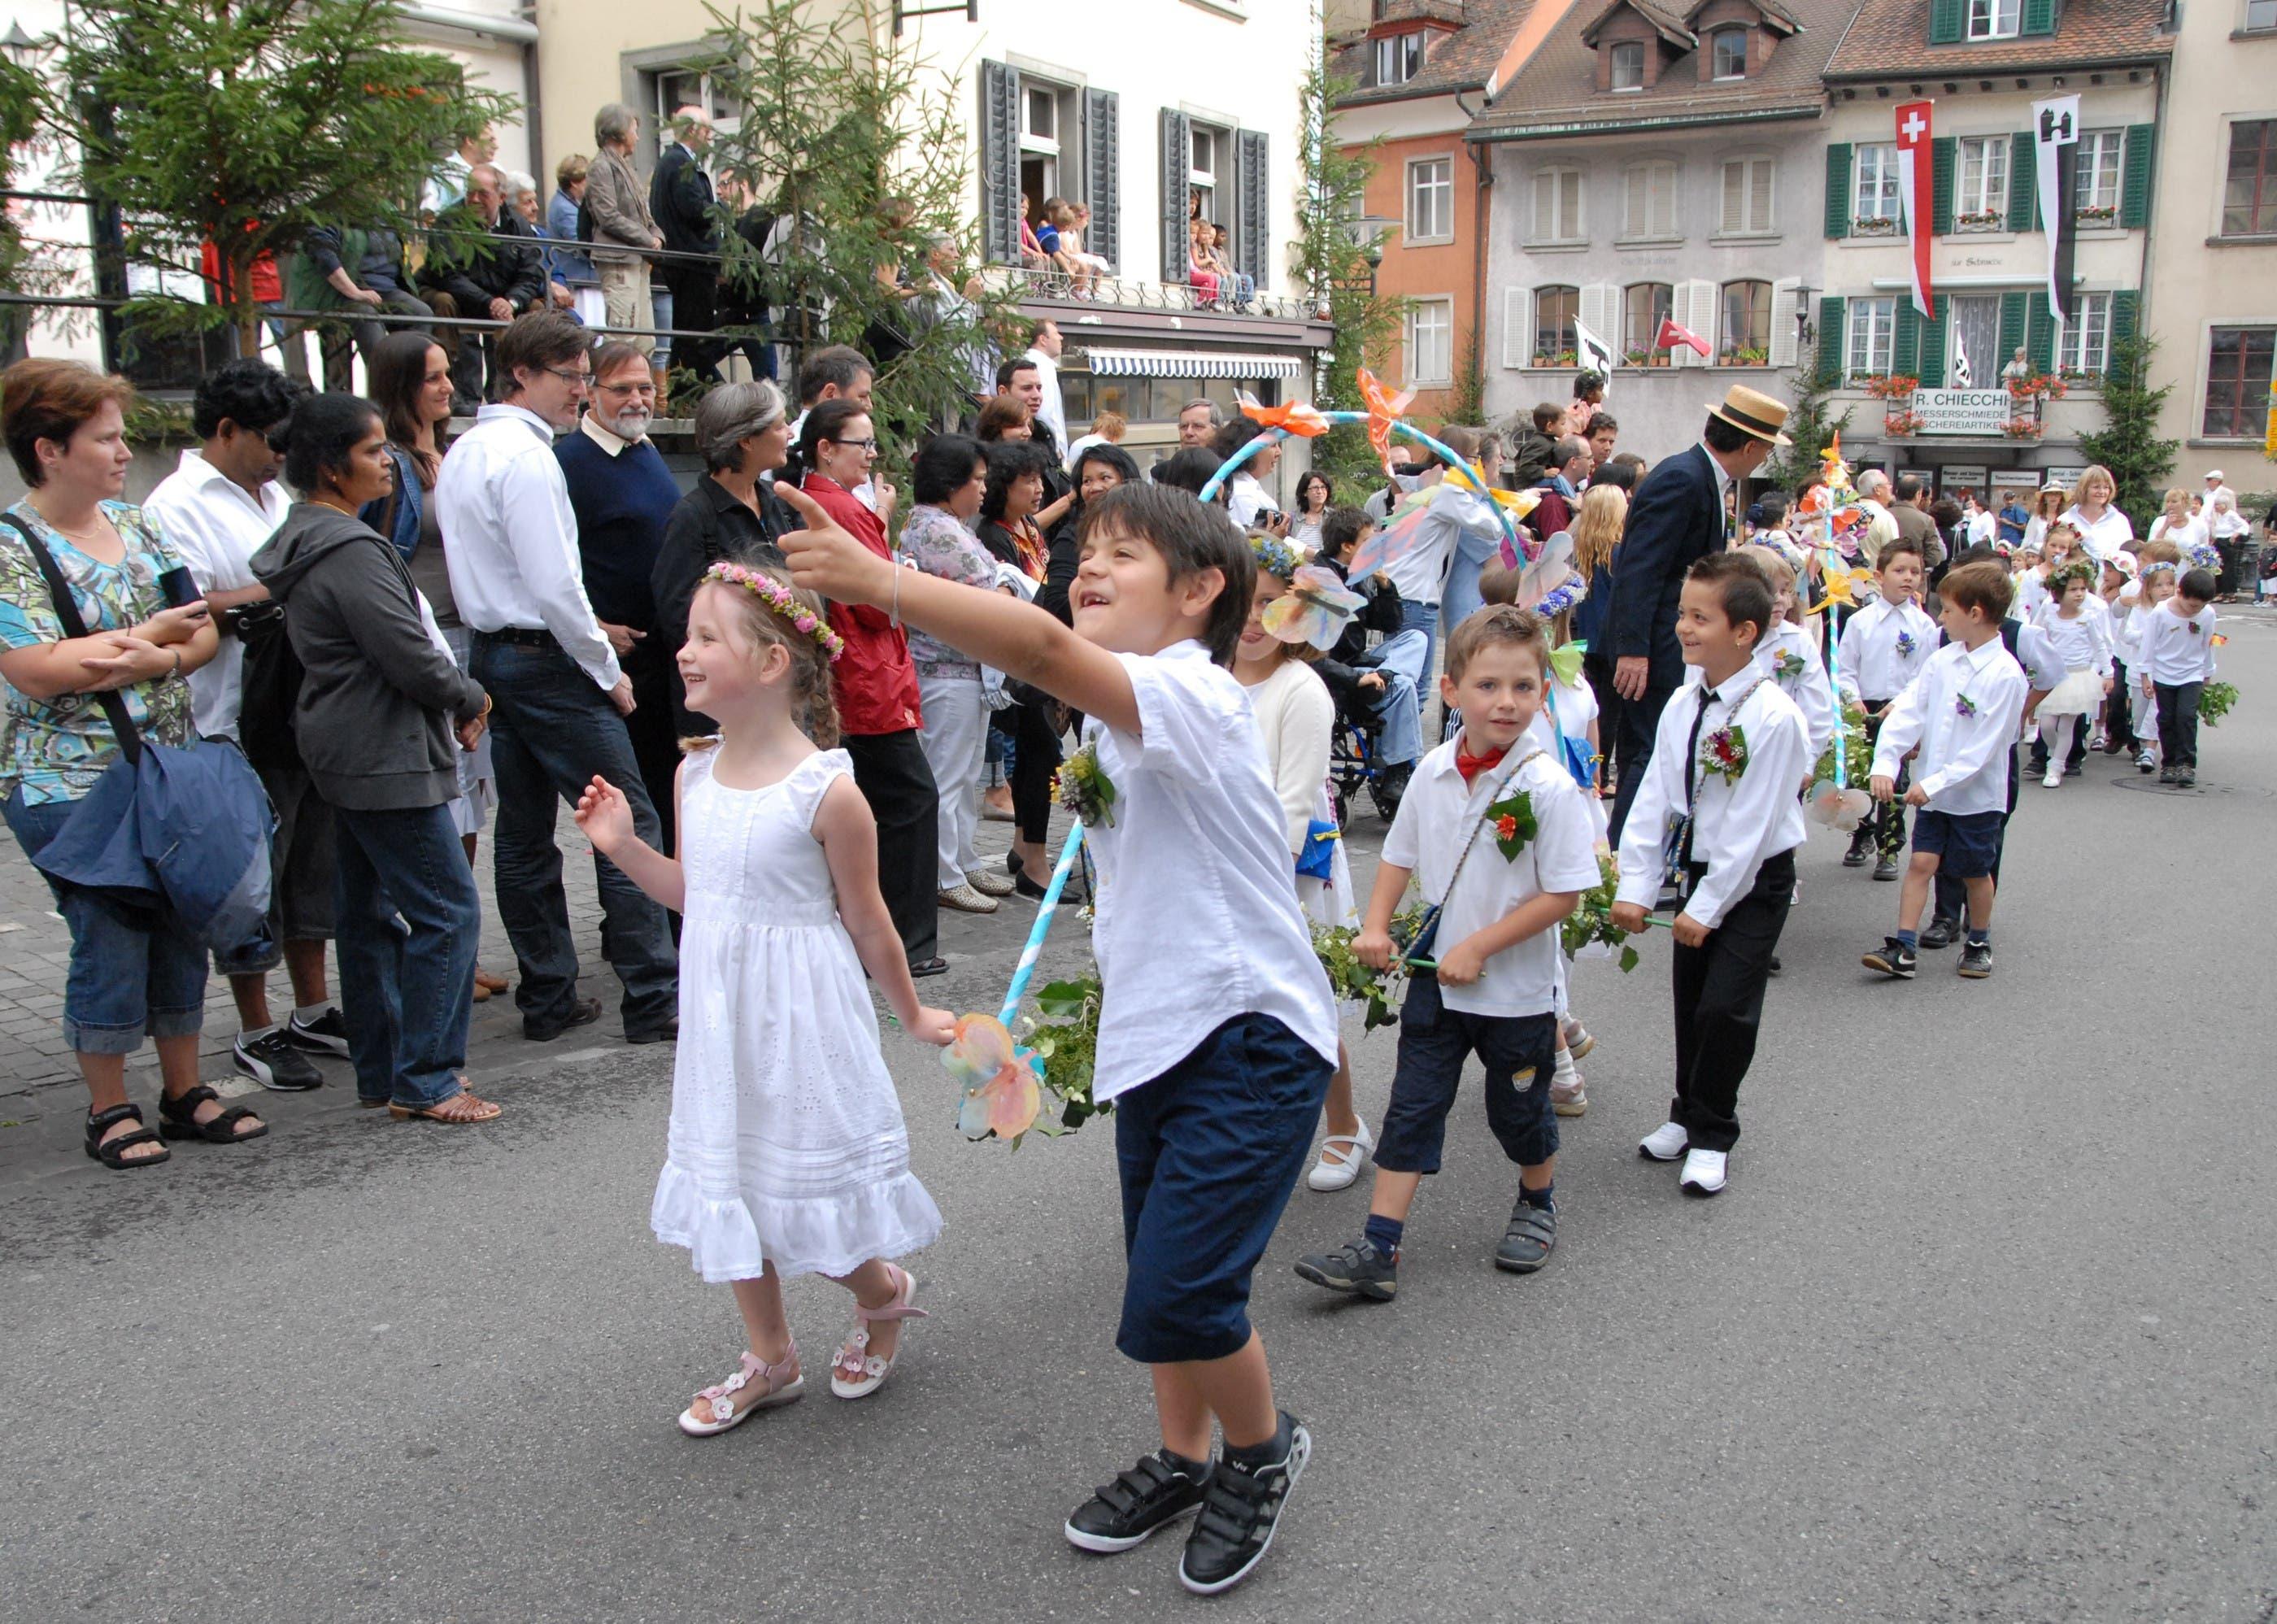 Brugger Schülerinnen und Schüler laufen beim Rutenzug mit